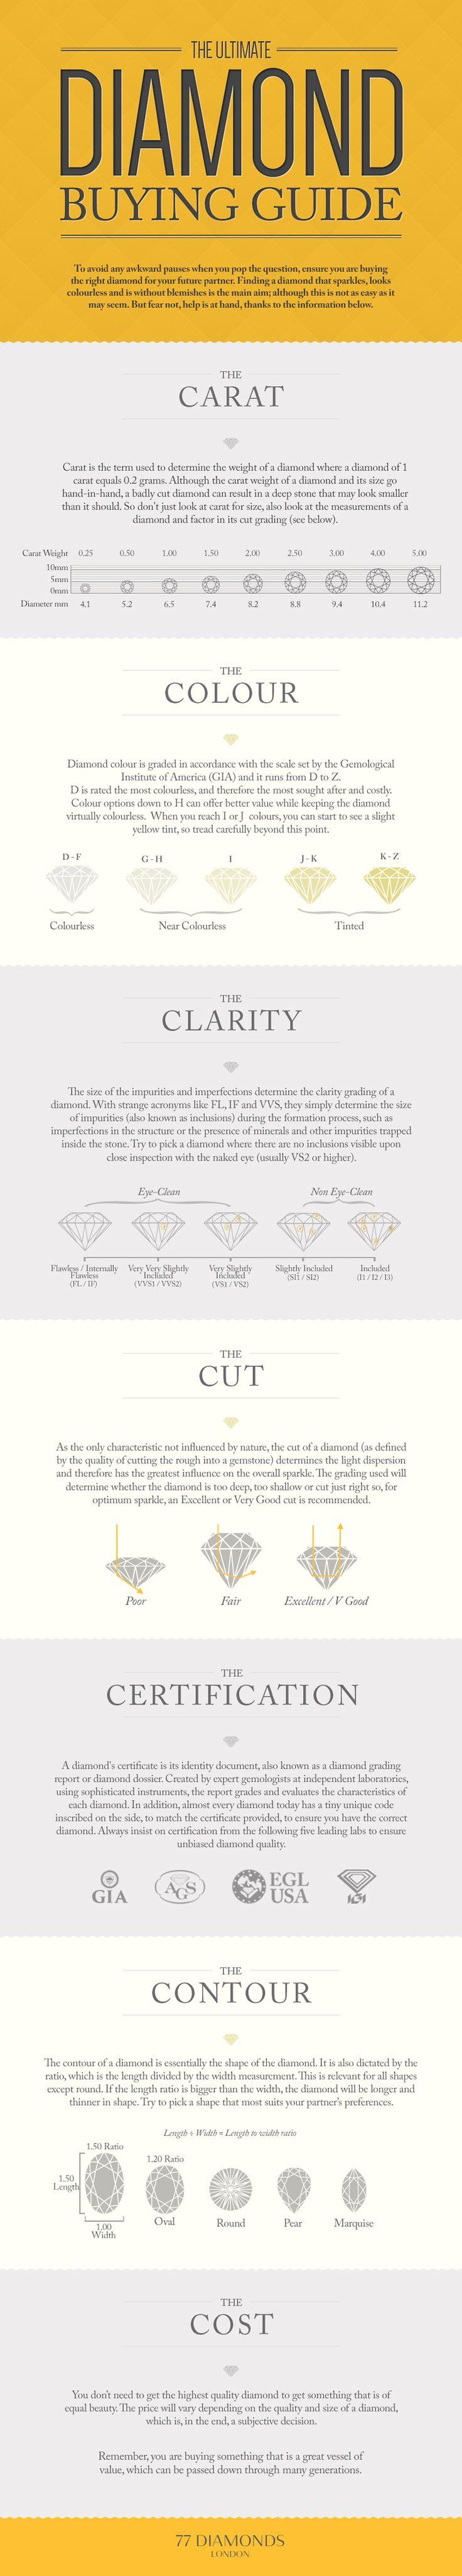 Die besten 25 Wedding band ing guide Ideen auf Pinterest